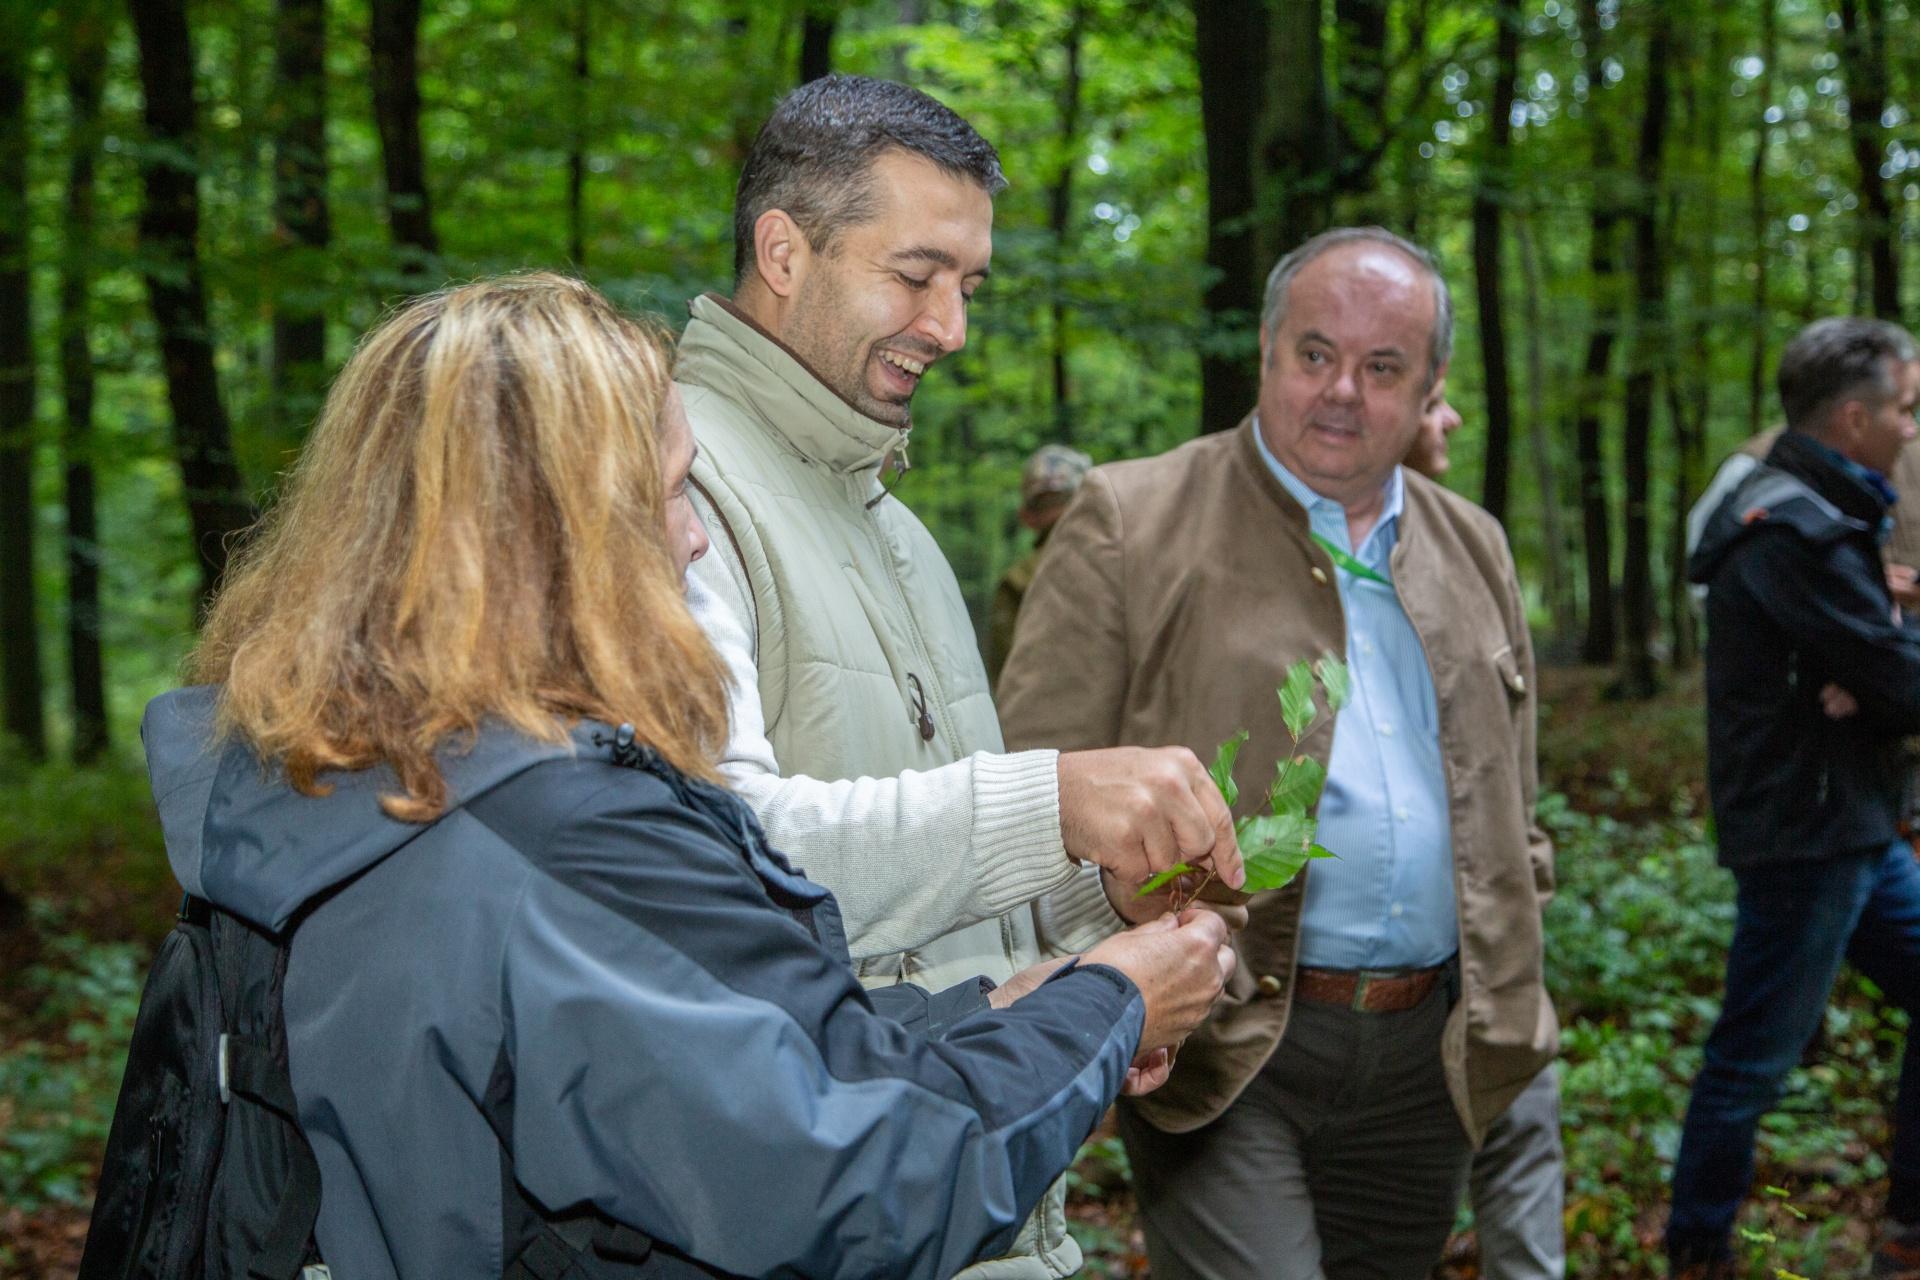 Erdők és klímavédelem találkozása a gyakorlati megoldásokban